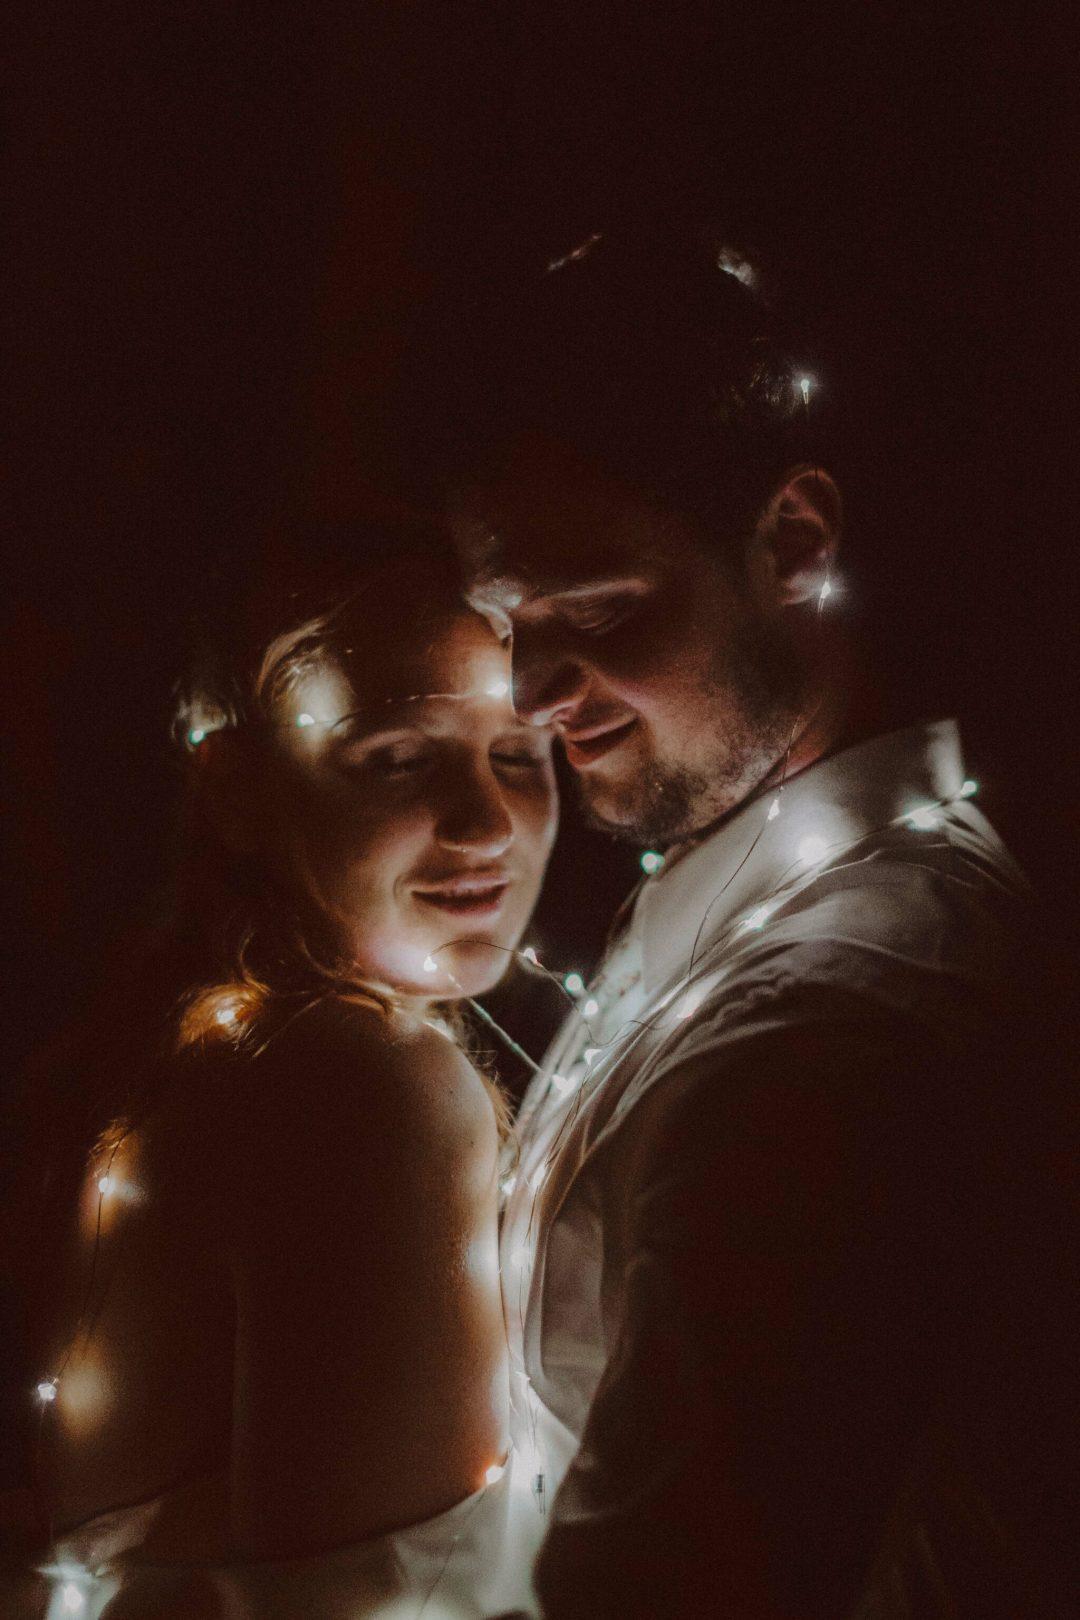 bride groom string lights portrait